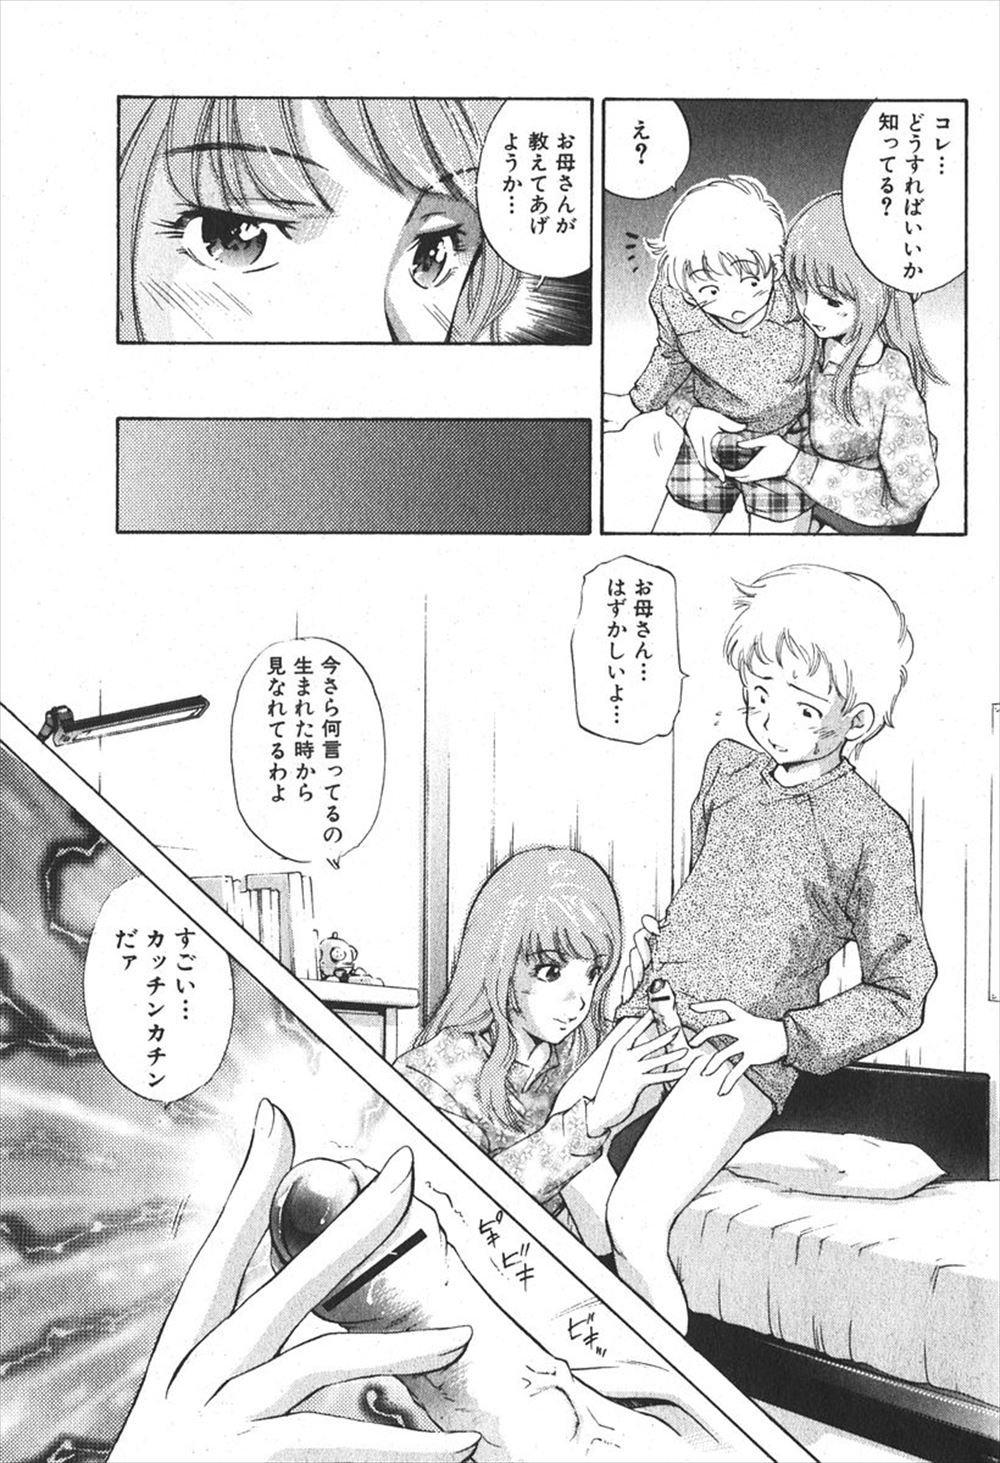 【エロ漫画】友達が家に持ってきたヌード写真が母に似ていて勃起してしまい、それが母にバレて親子セックス! 005